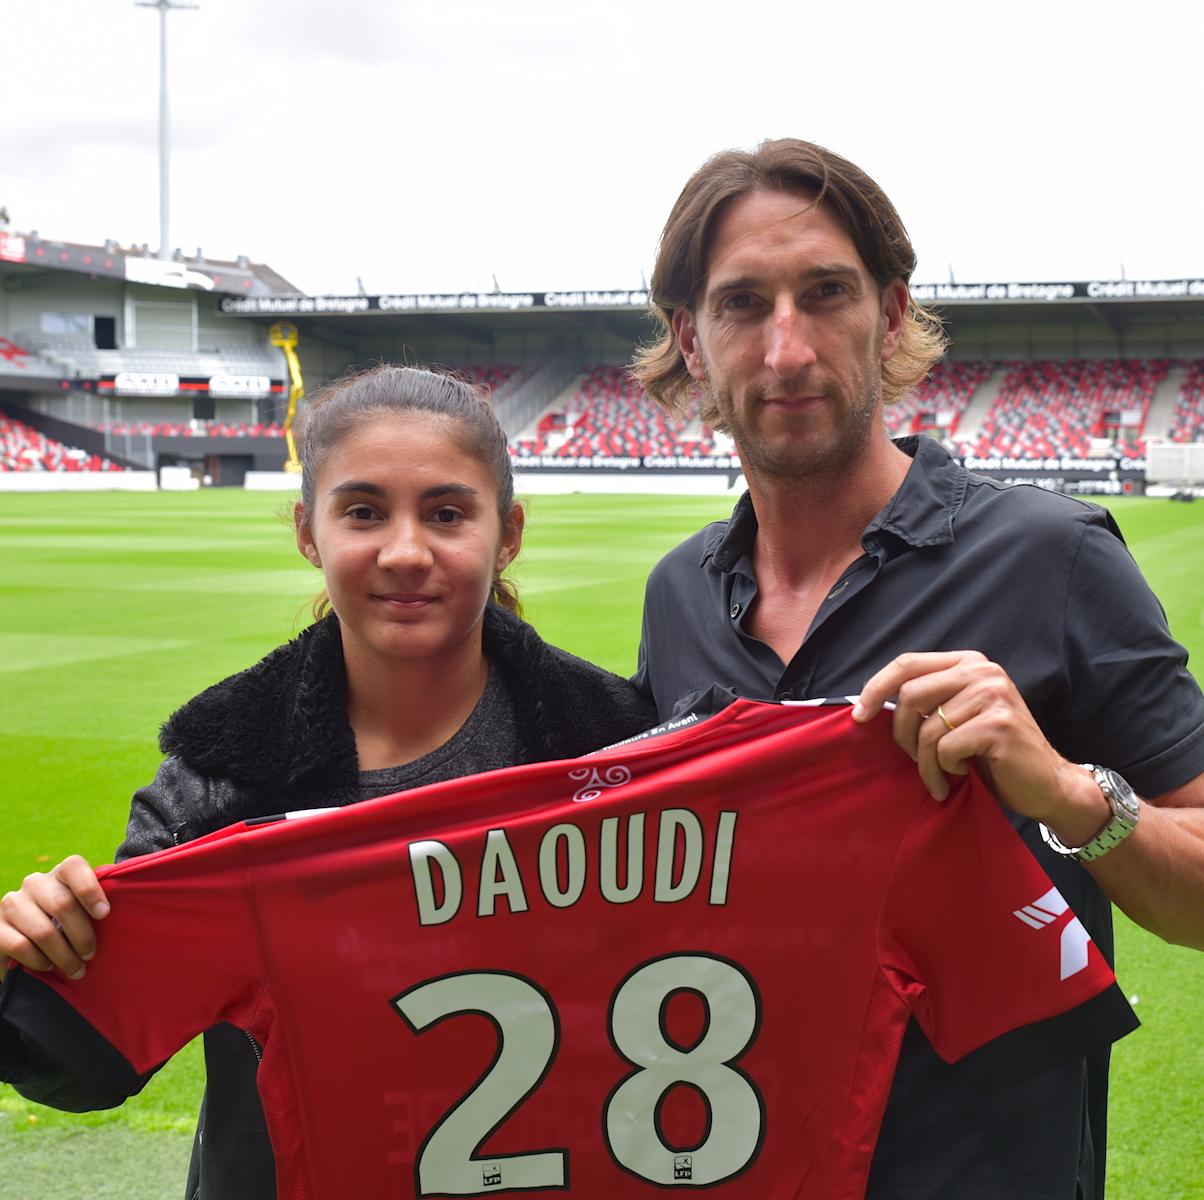 Sana Daoudi (20 ans) s'est engagée pour 1 saison - En Avant Guingamp